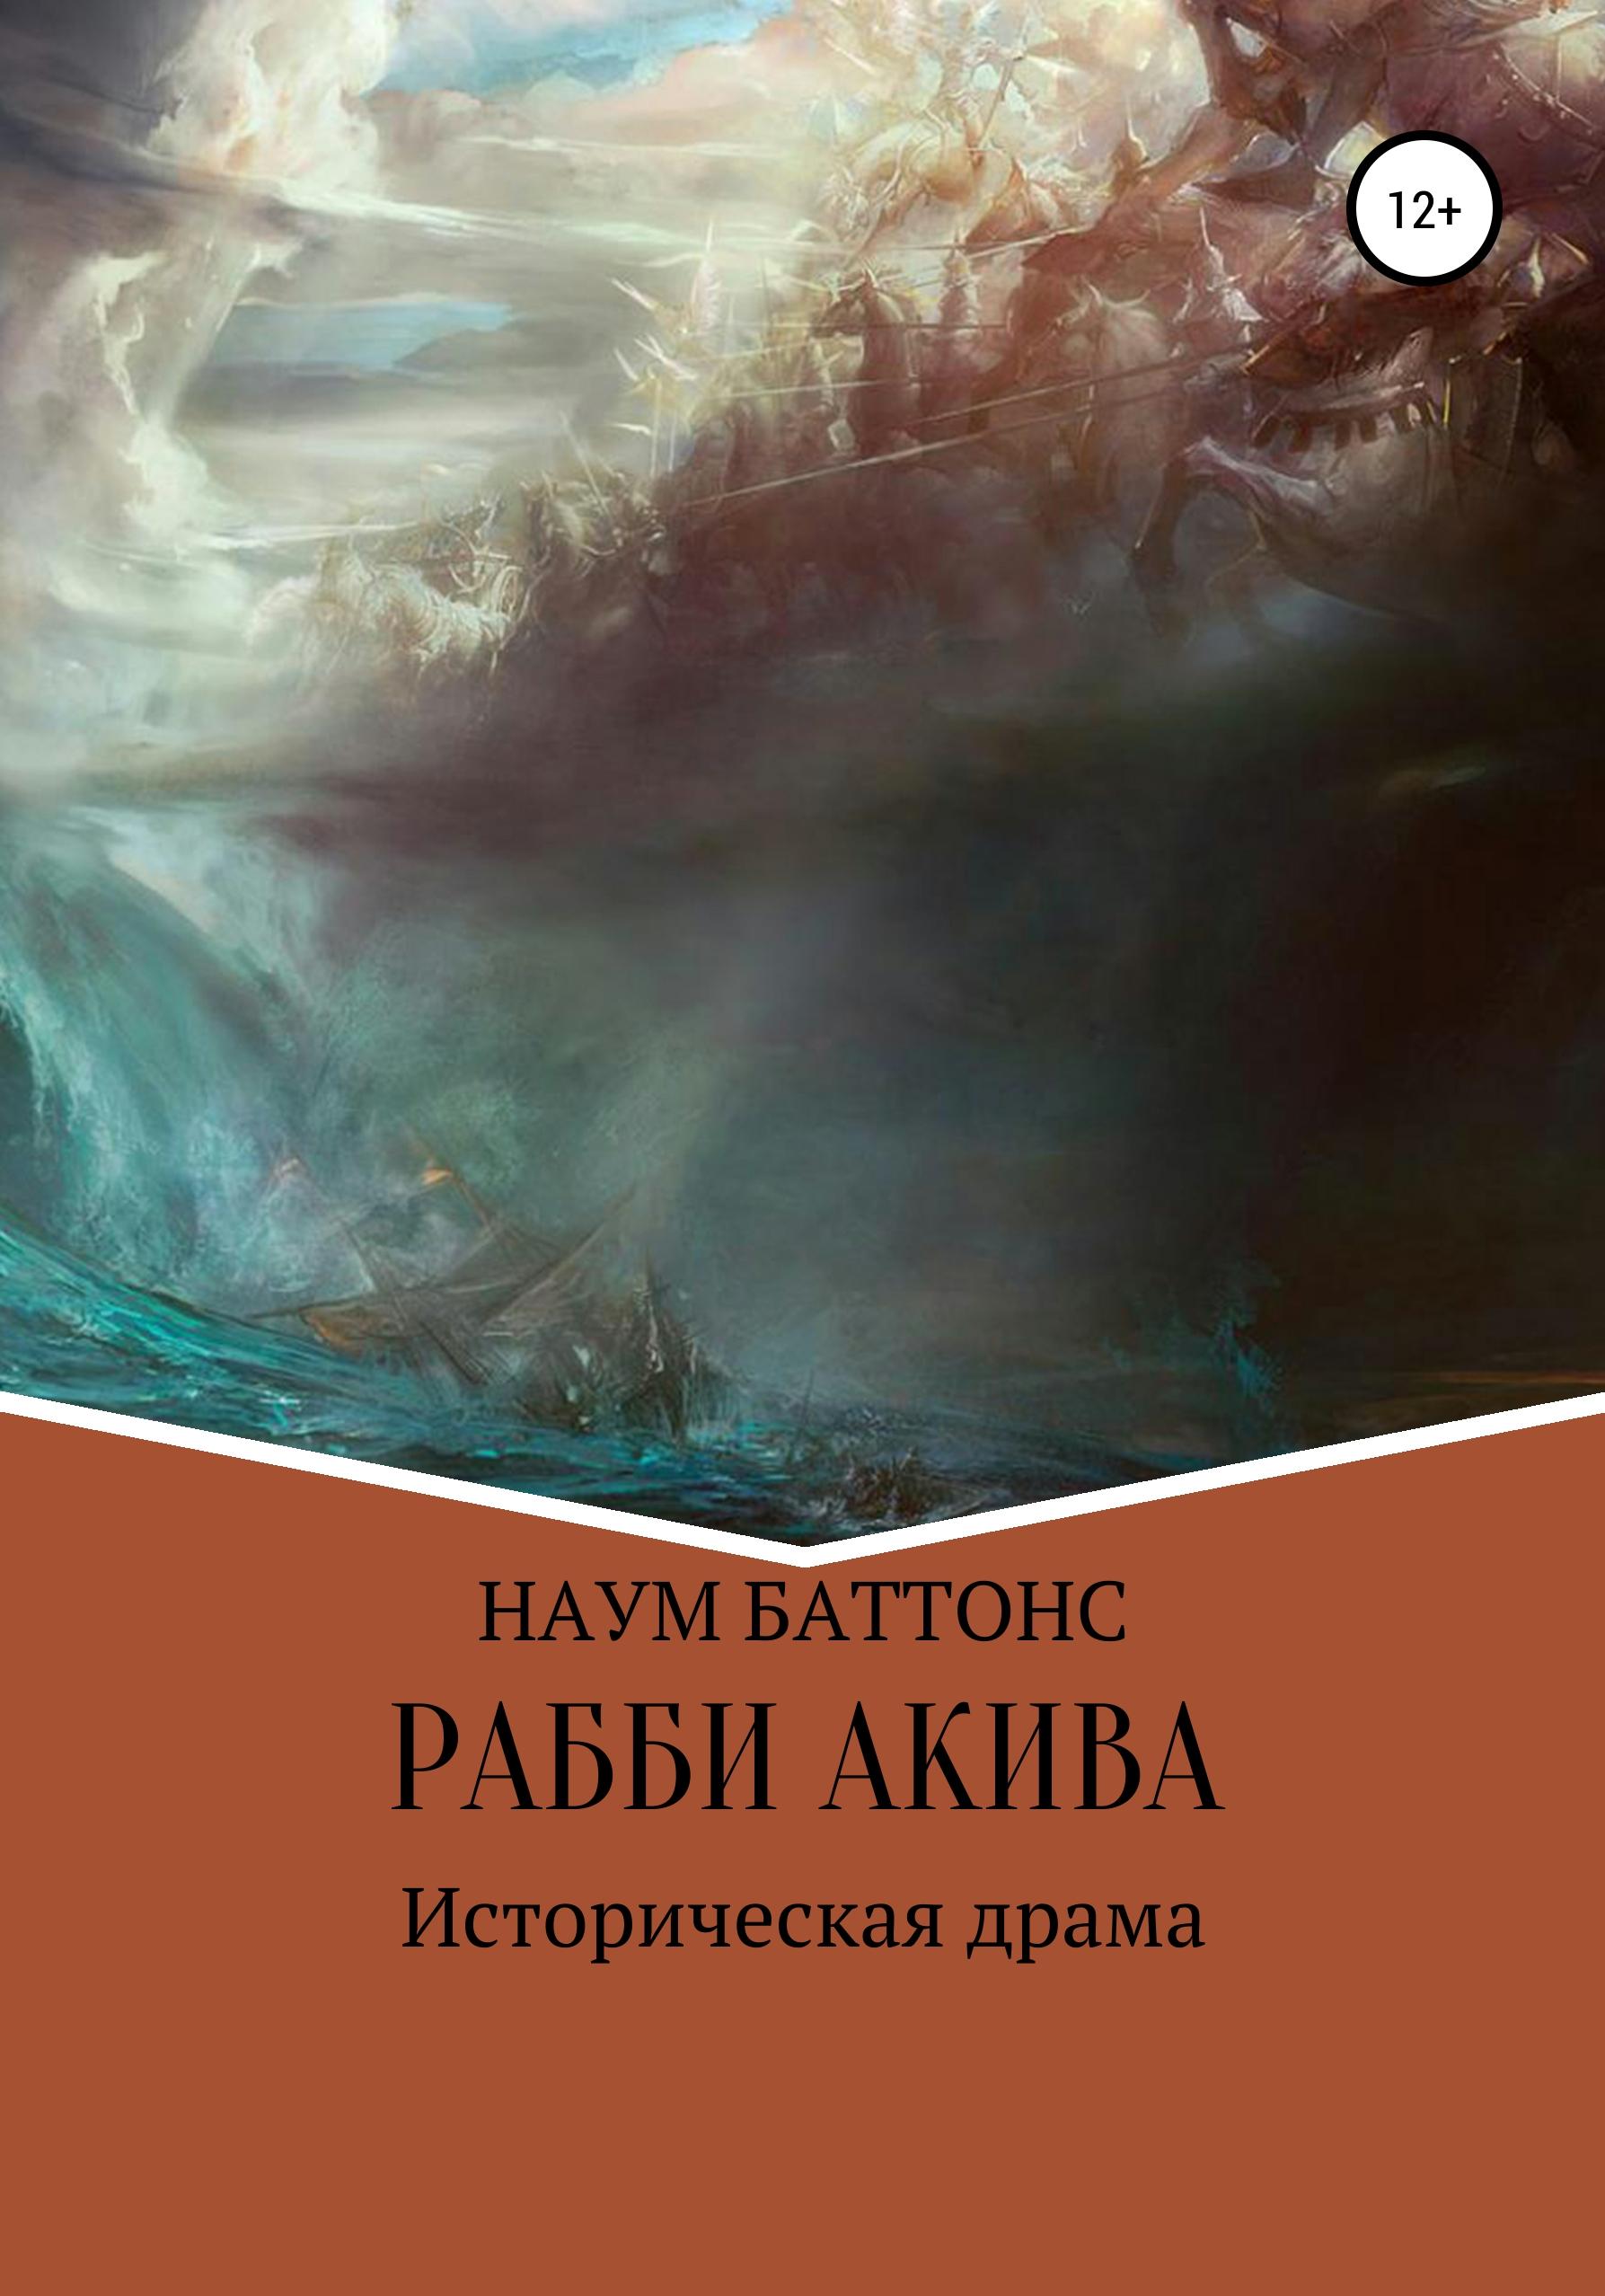 Купить книгу Рабби Акива, автора Наума Баттонса